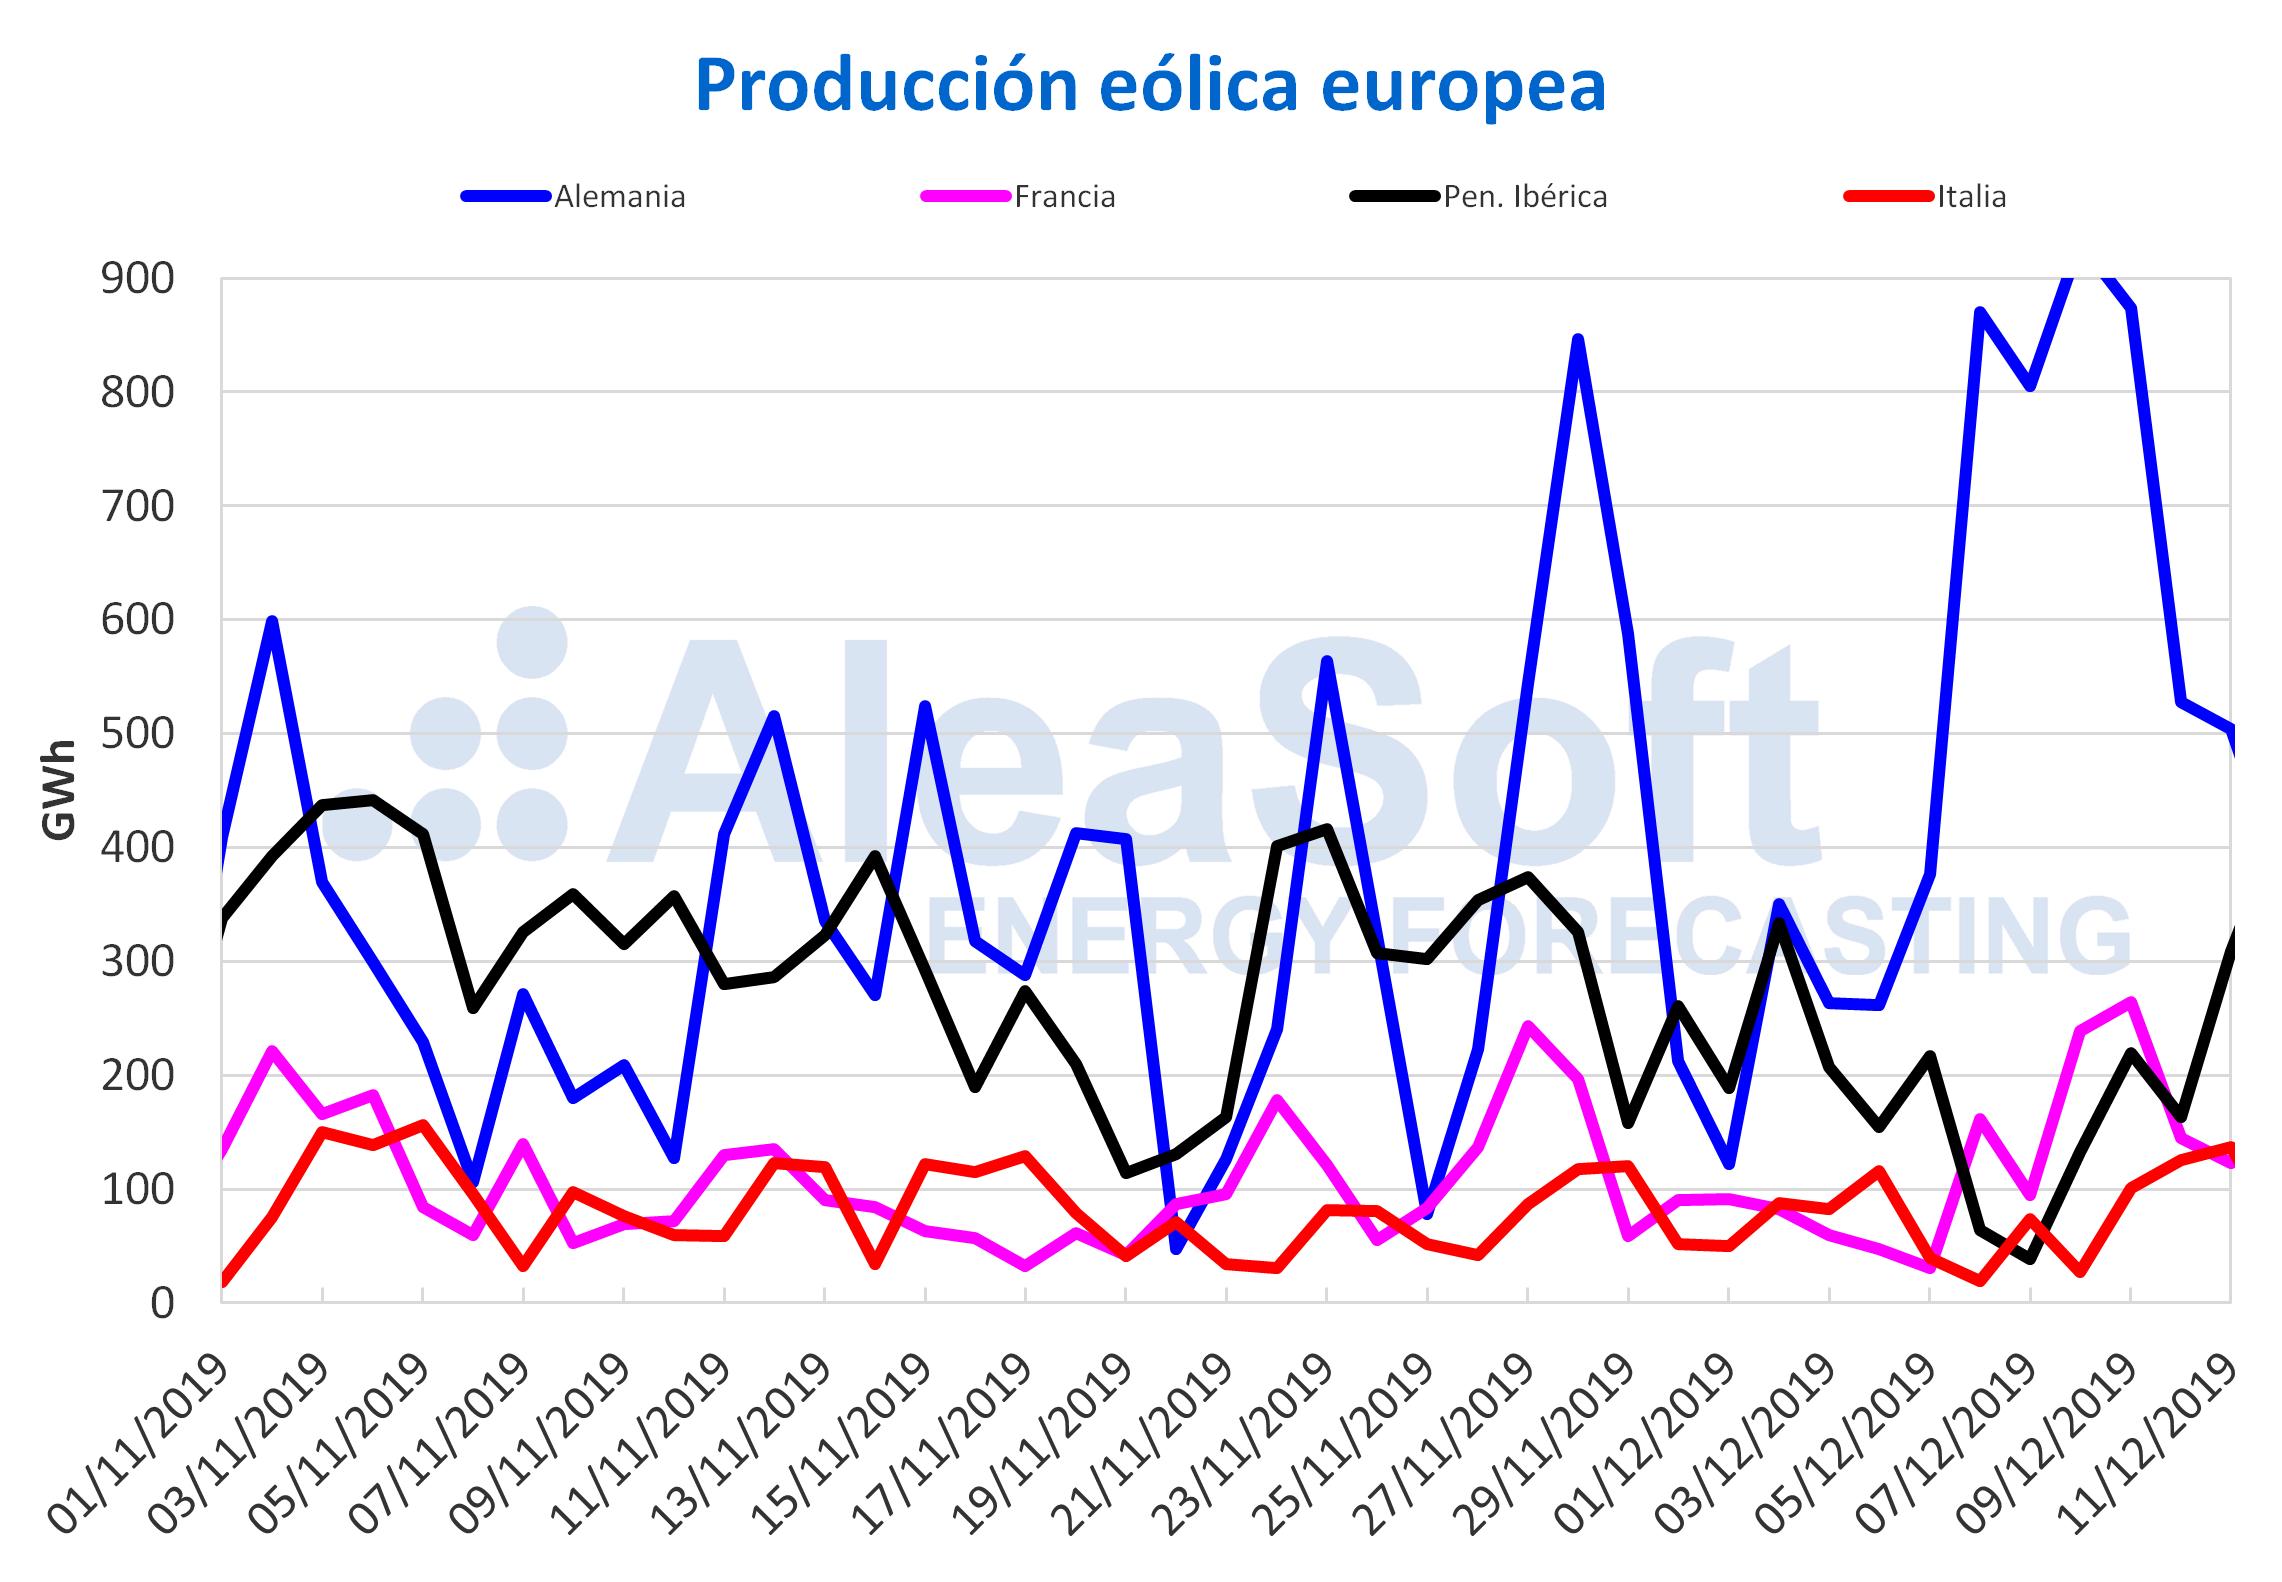 AleaSoft - Producción eólica europea